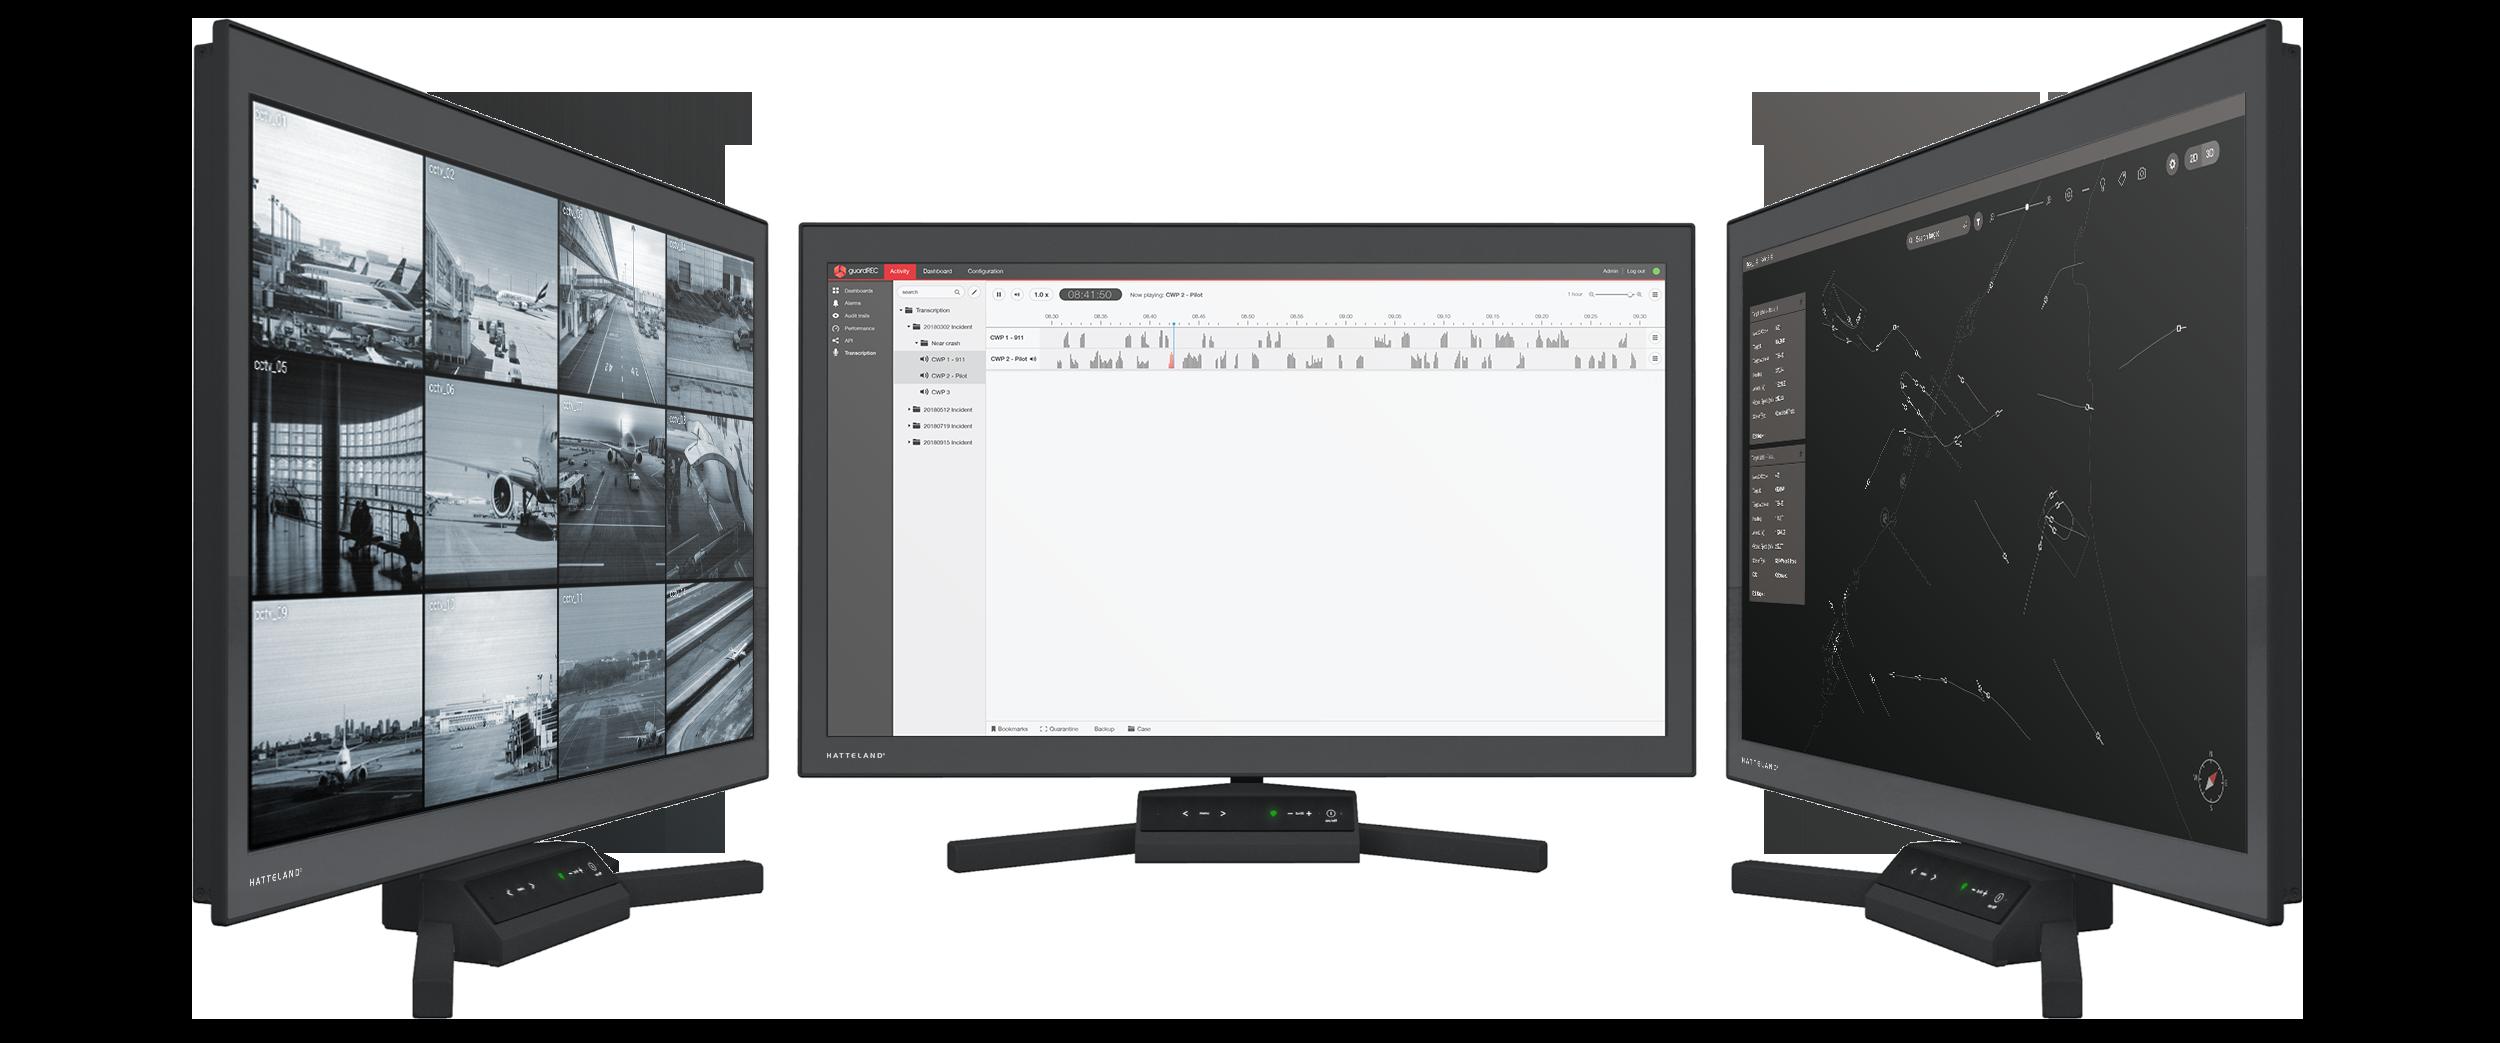 ATC_43_monitors_in_2